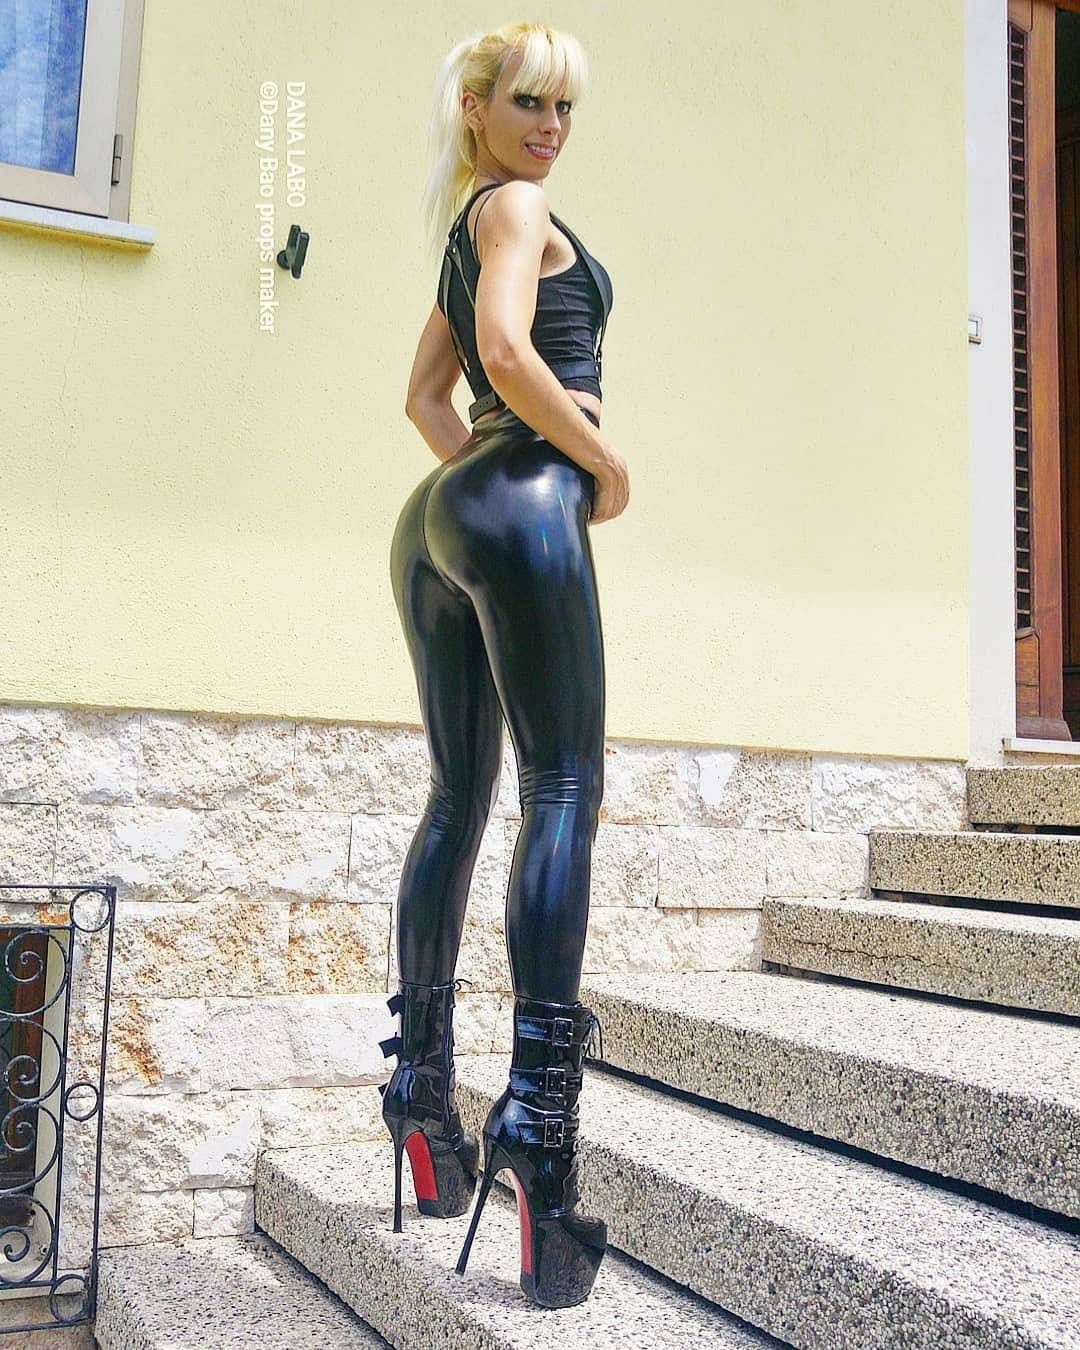 Pin von HeLo auf HOT | Outfit, Frauen in leggings, Leder